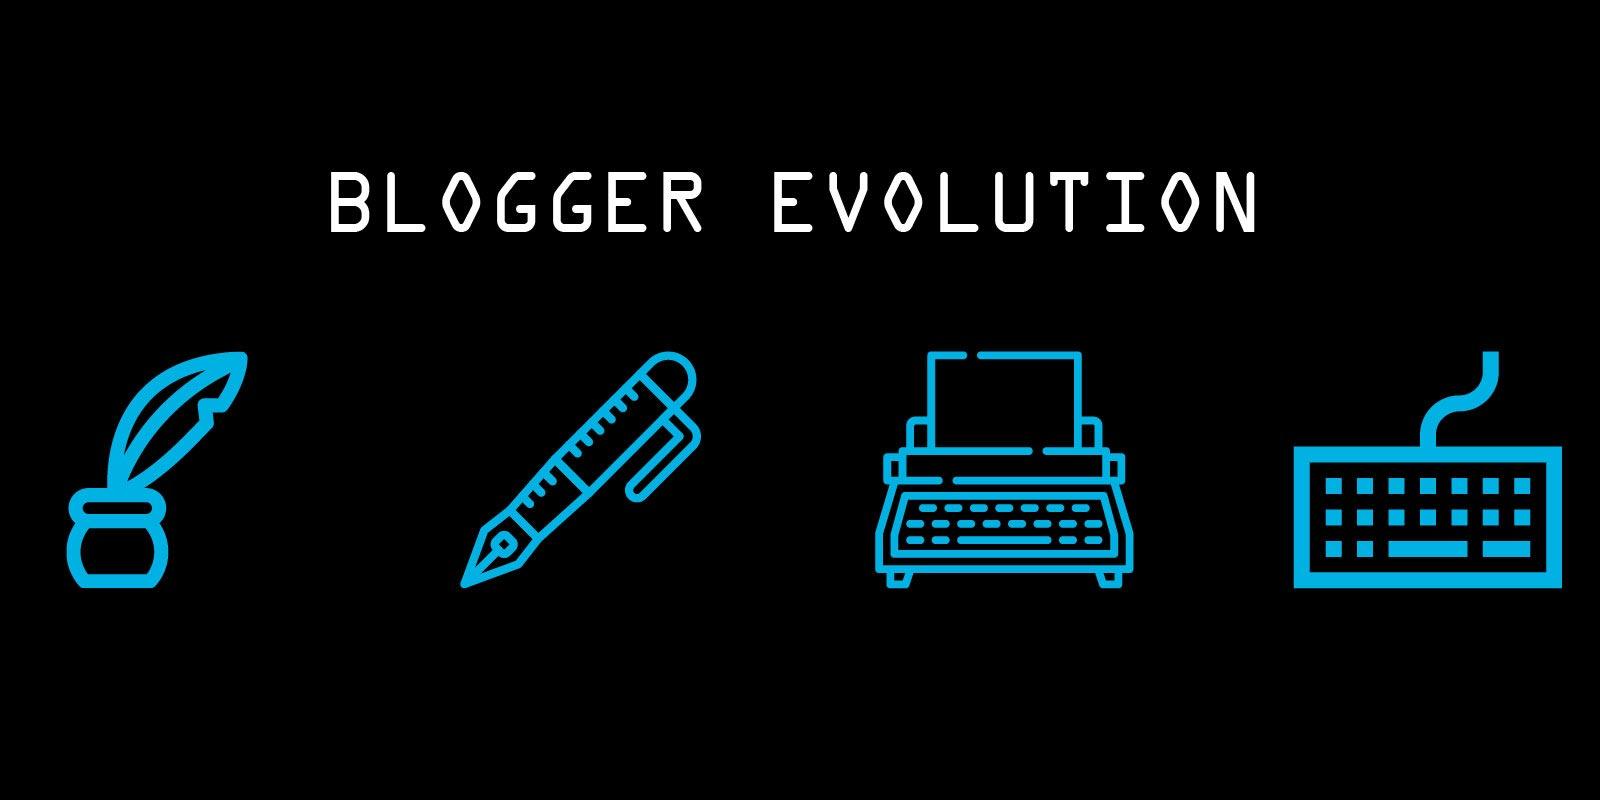 Diventare un blogger professionista con gli strumenti giusti